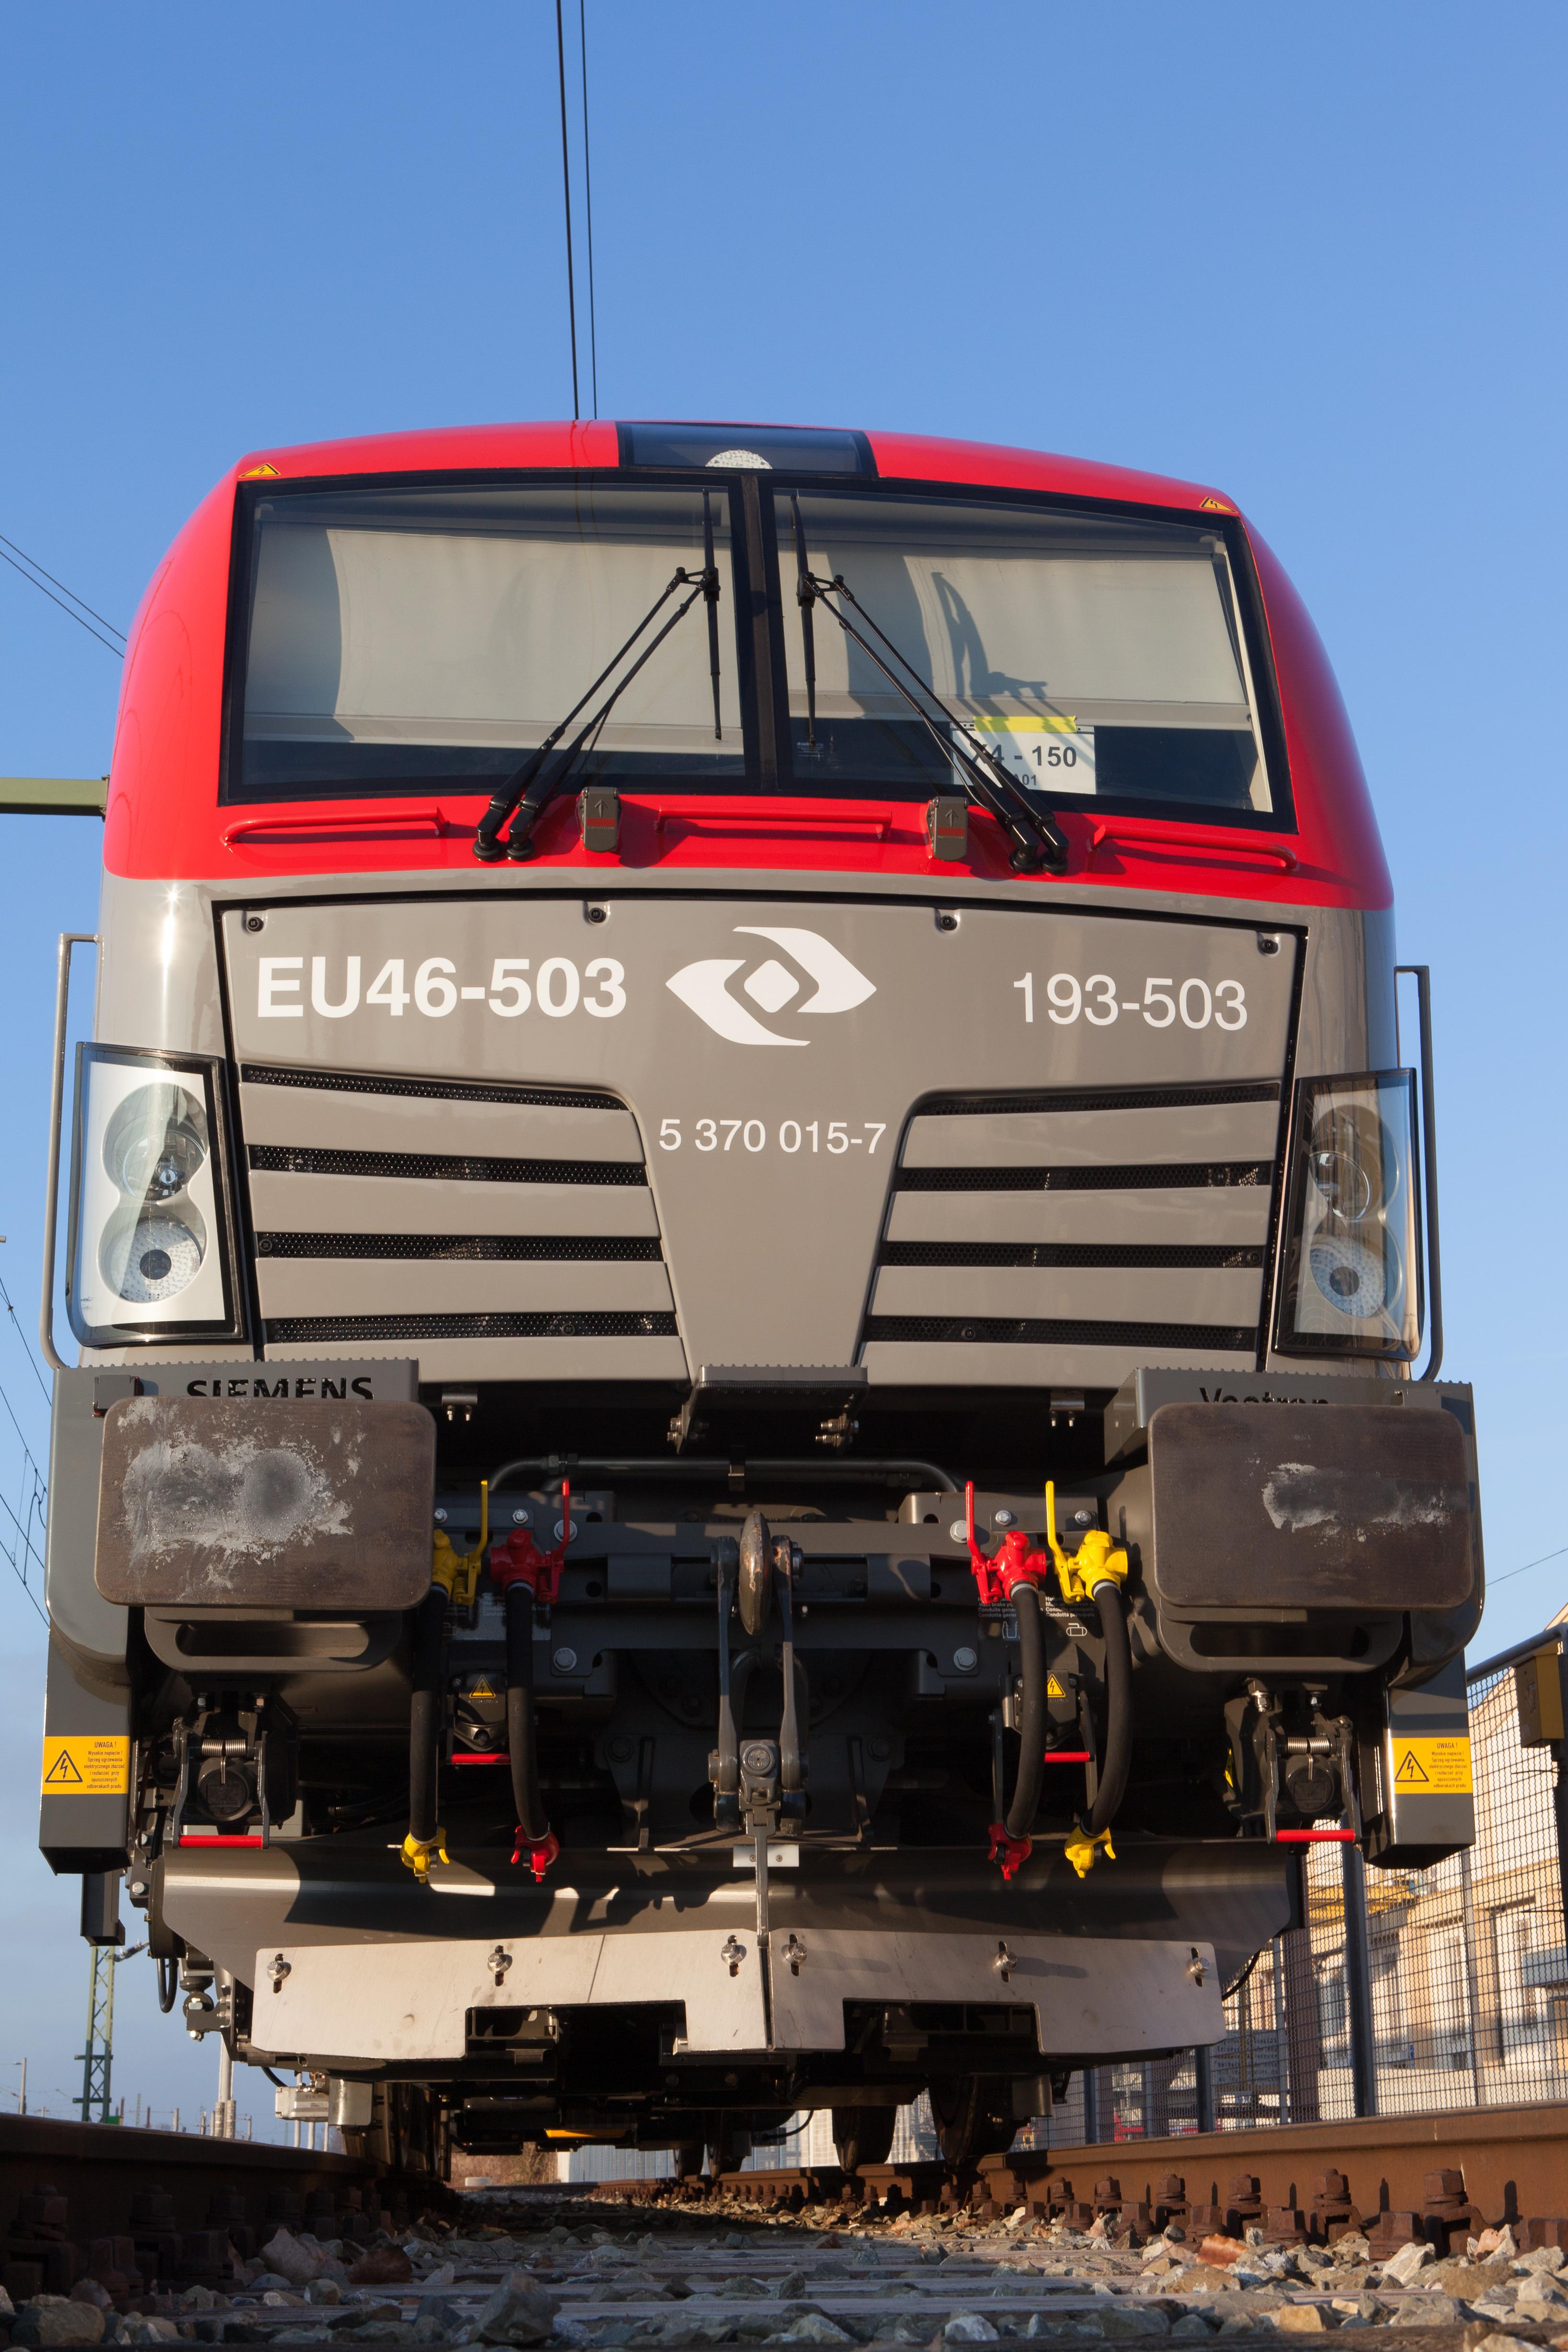 Współpraca PKP CARGO z Mercitalia Rail. Przedmiotem rozmów korytarz transportowy Travisio-Wrocław